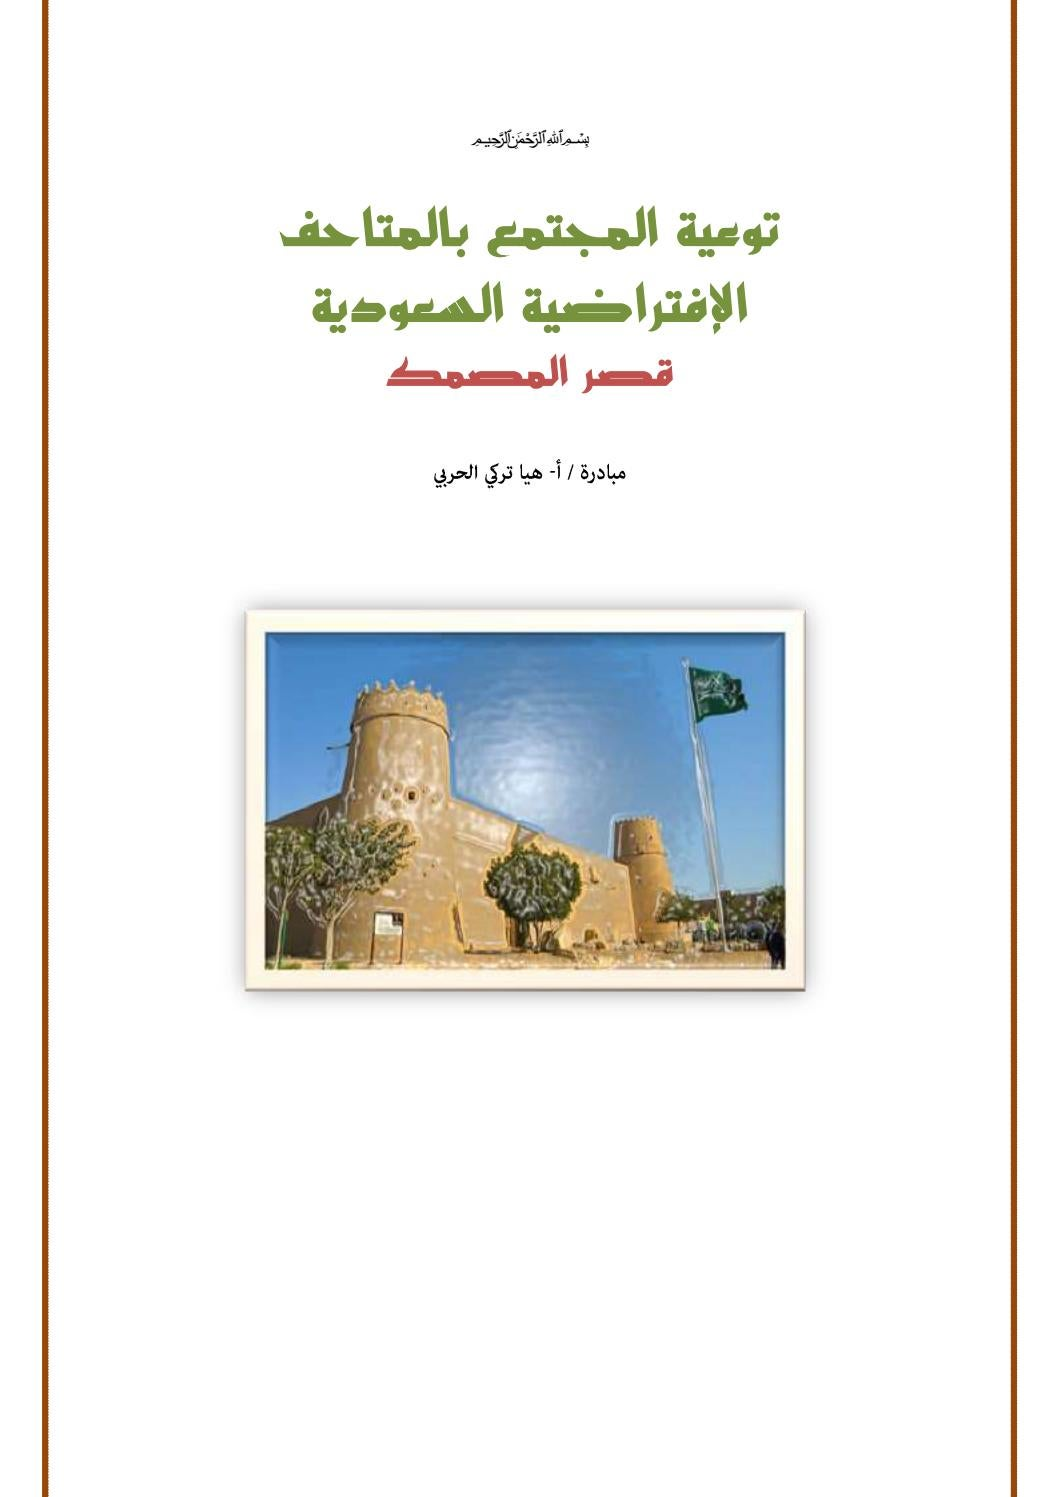 مبادرة المتاحف الافتراضية السعودية قصر المصمك مثالا By Nseemtr Issuu